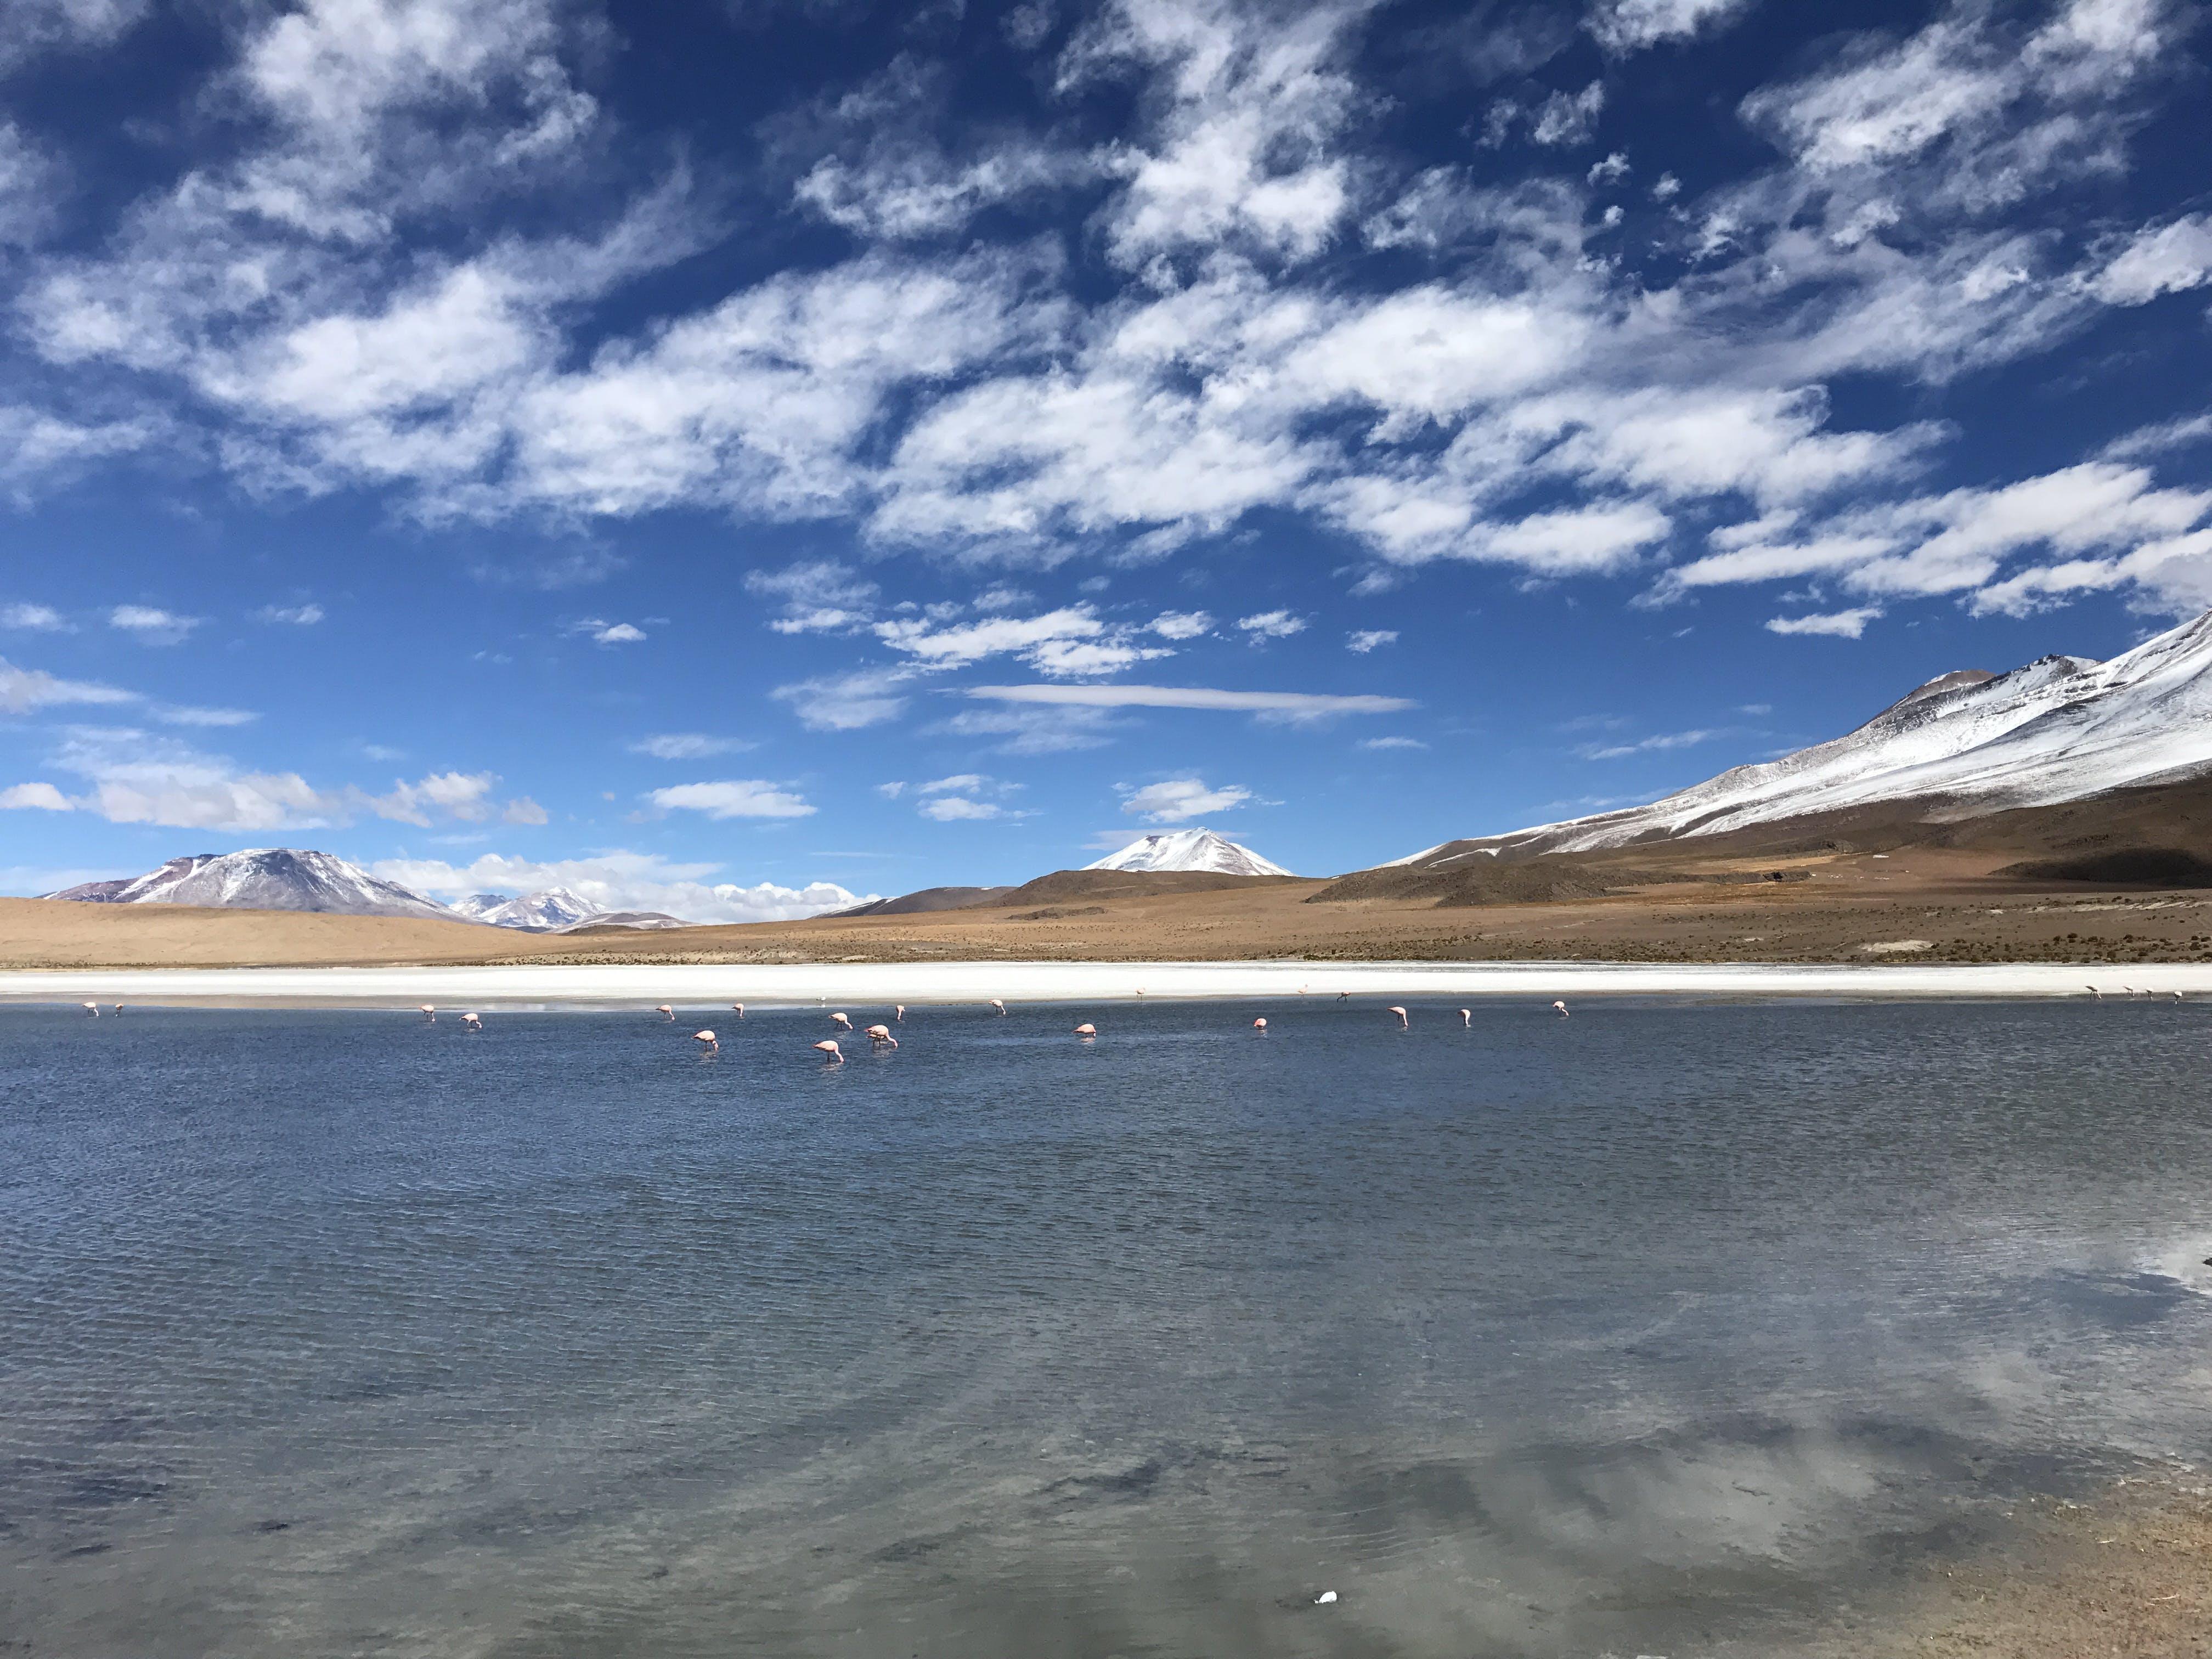 山, 日光, 水, 空の無料の写真素材